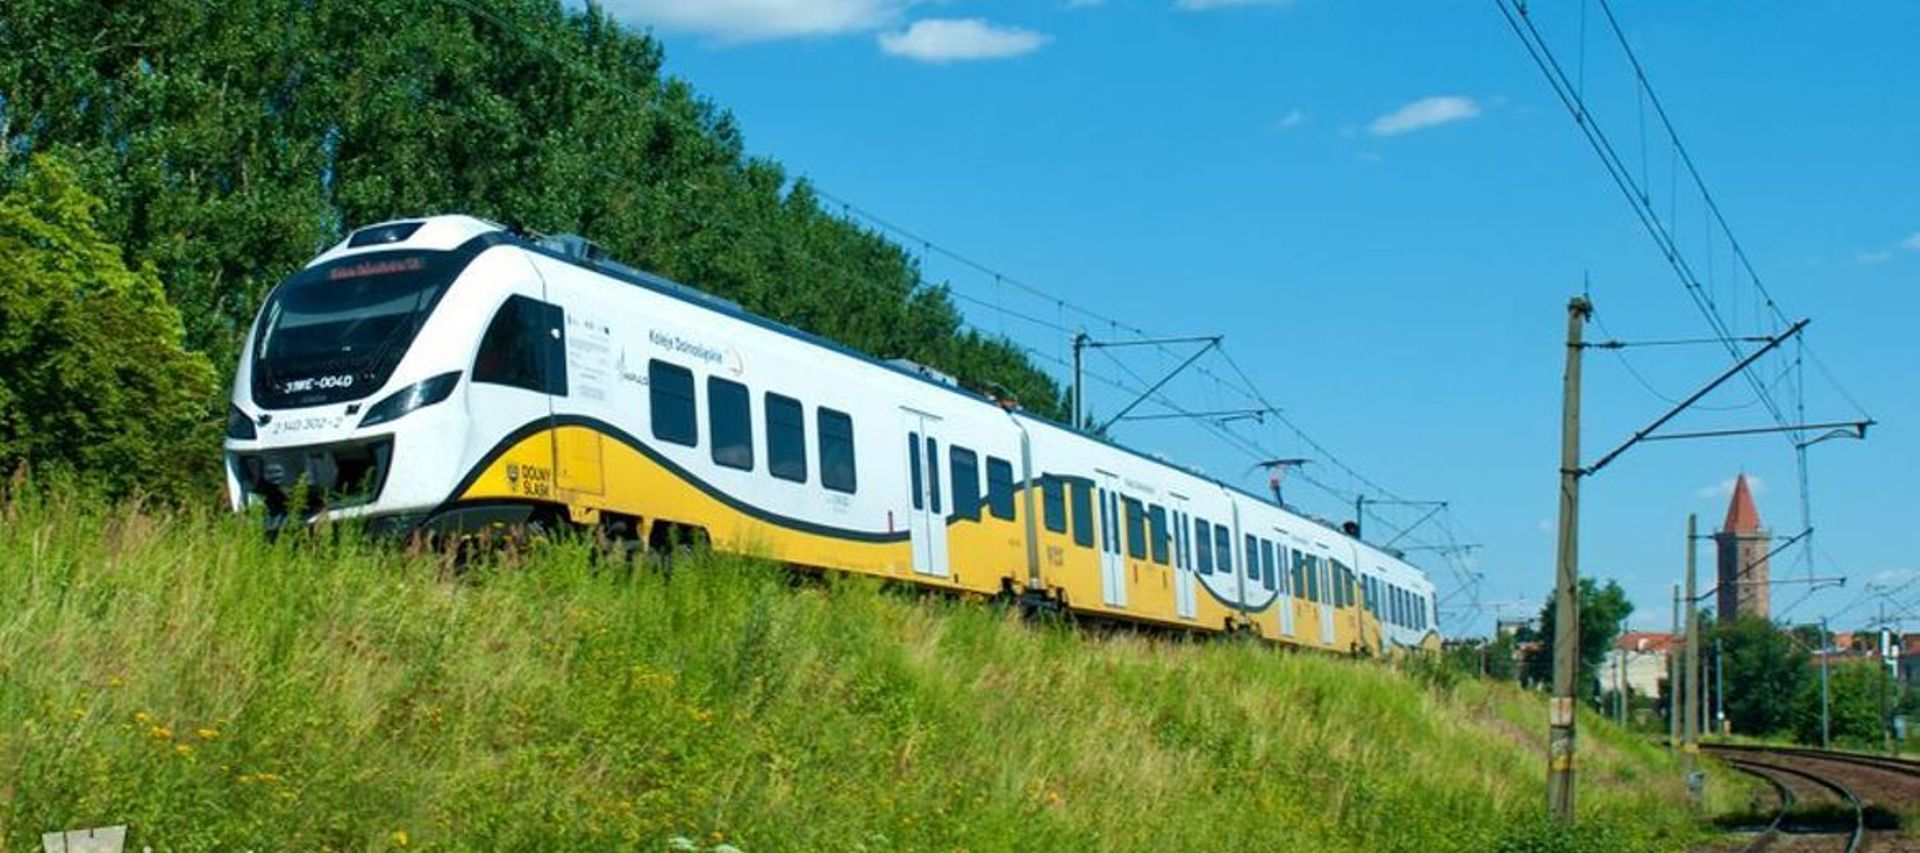 Dolny Śląsk: 150 mln zł na remont linii. Pociągi osobowe dojadą z Wrocławia do Sobótki